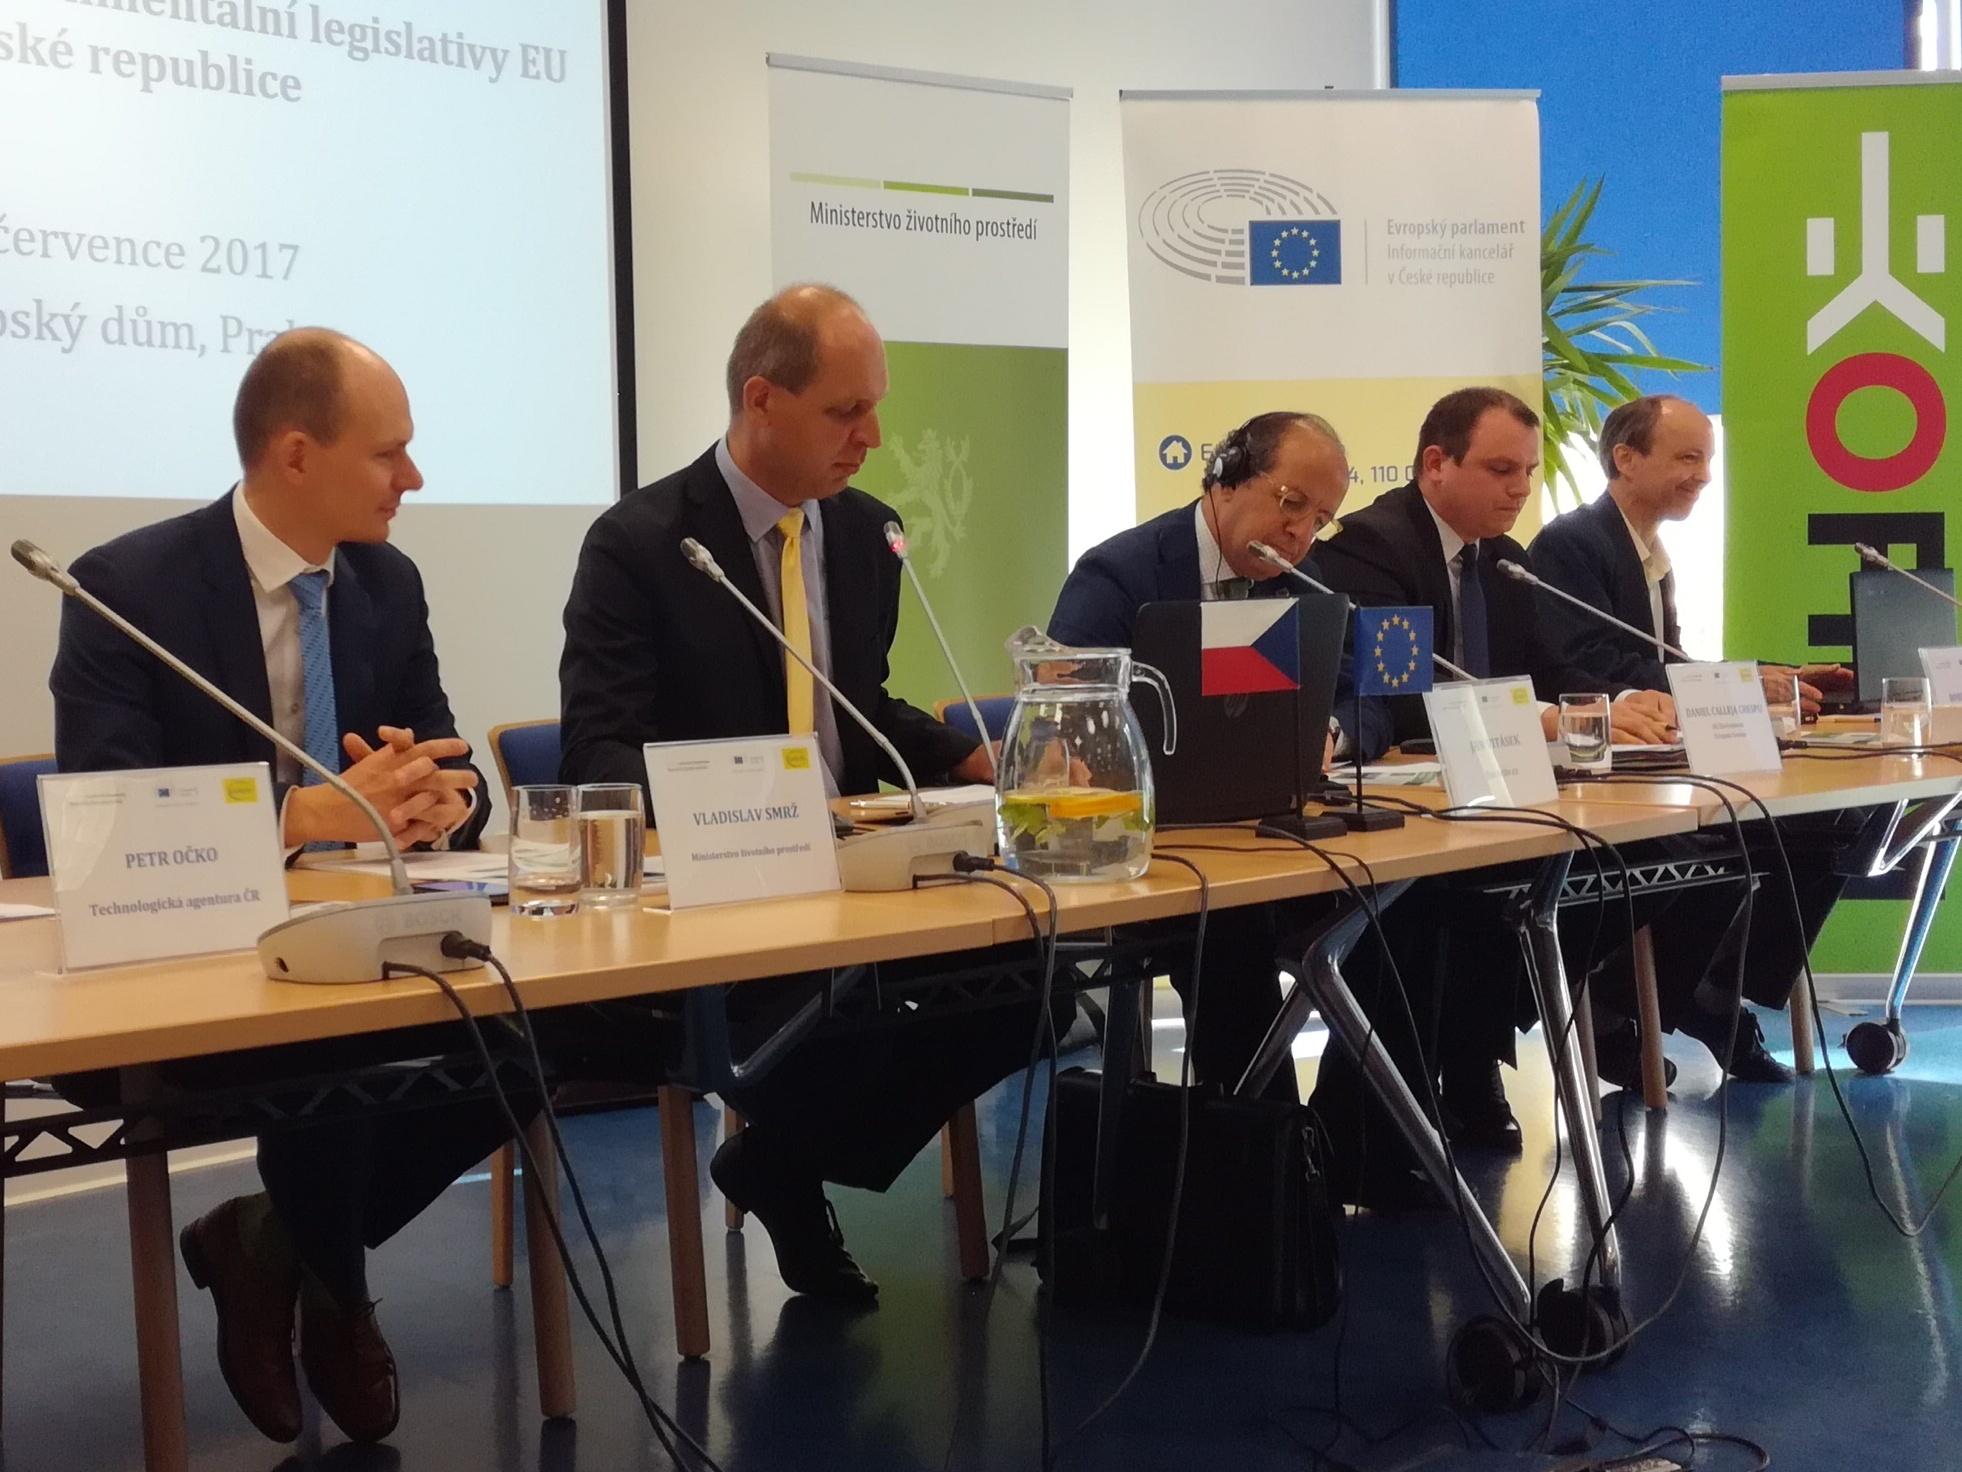 Generální ředitel Calleja z EK představil tzv. country report ČR k provádění evropské legislativy pro životní prostředí